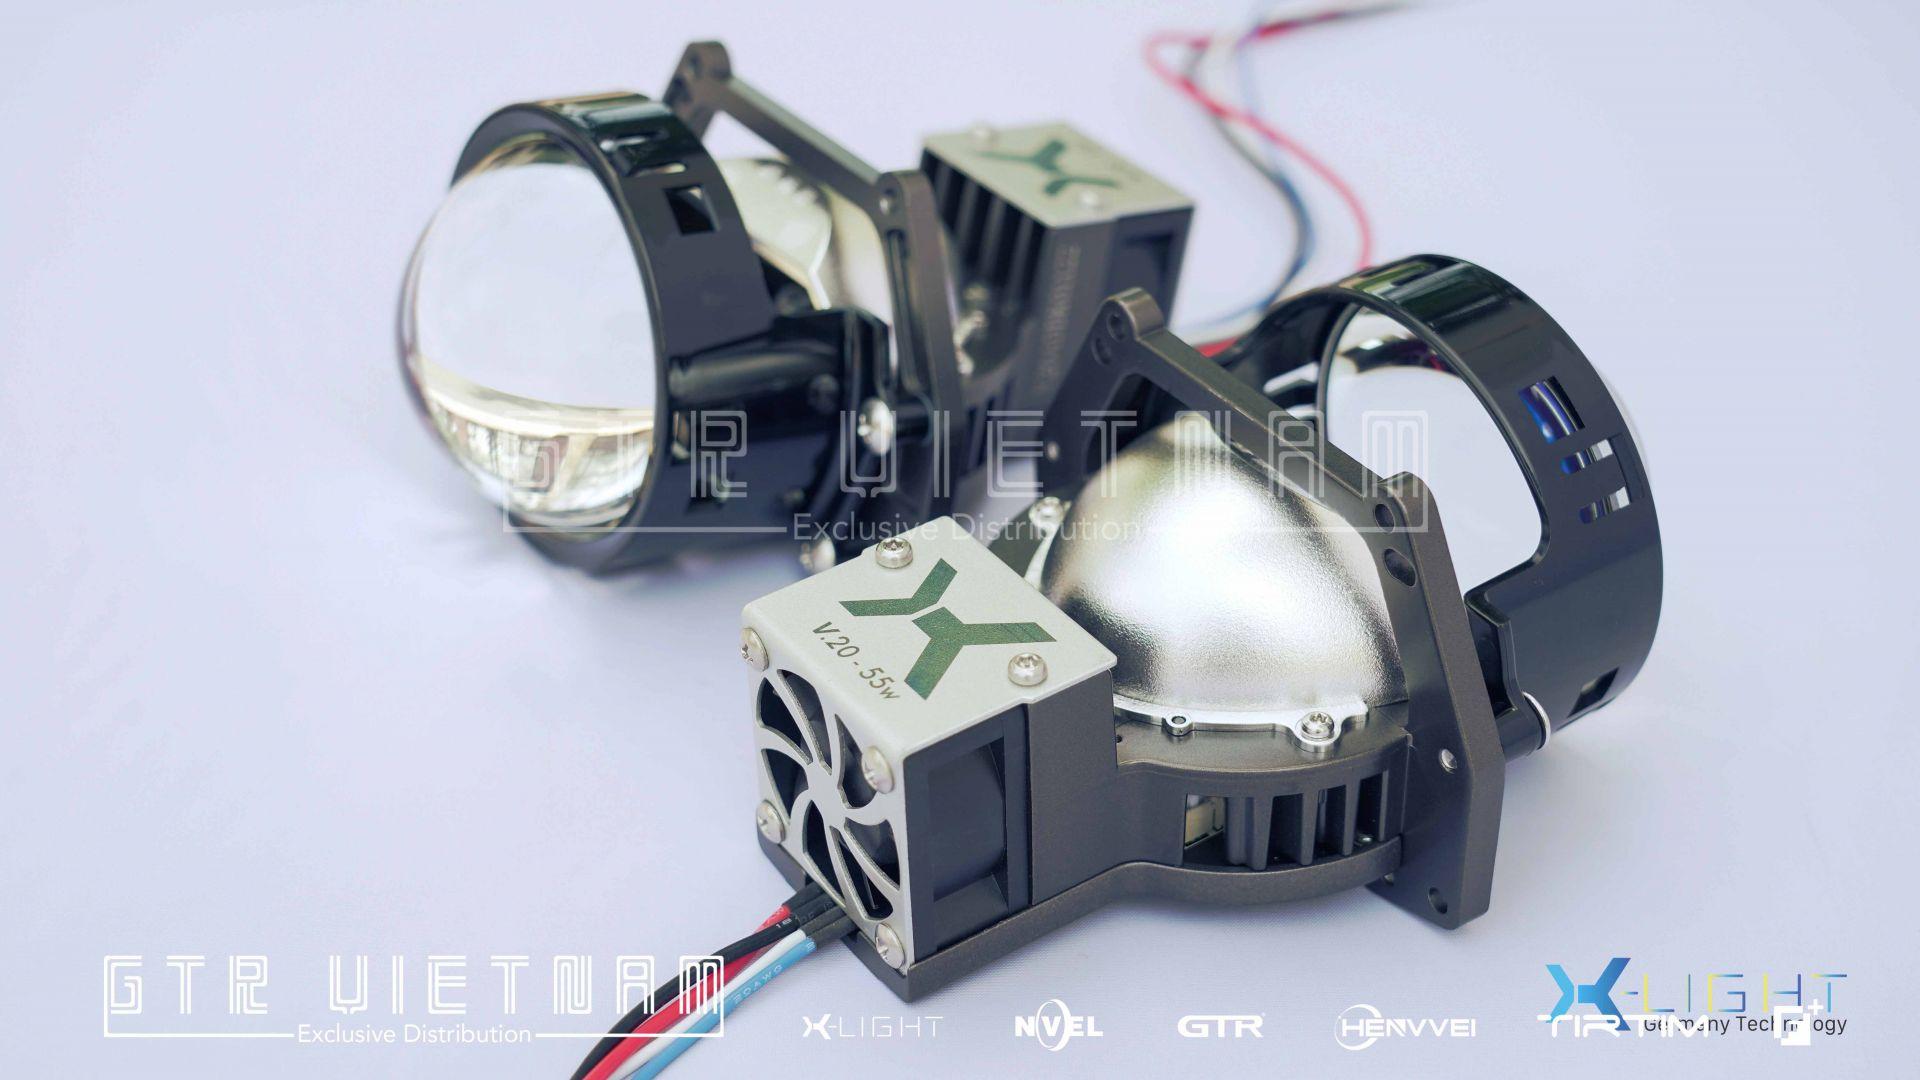 x-light v20 chính hãng